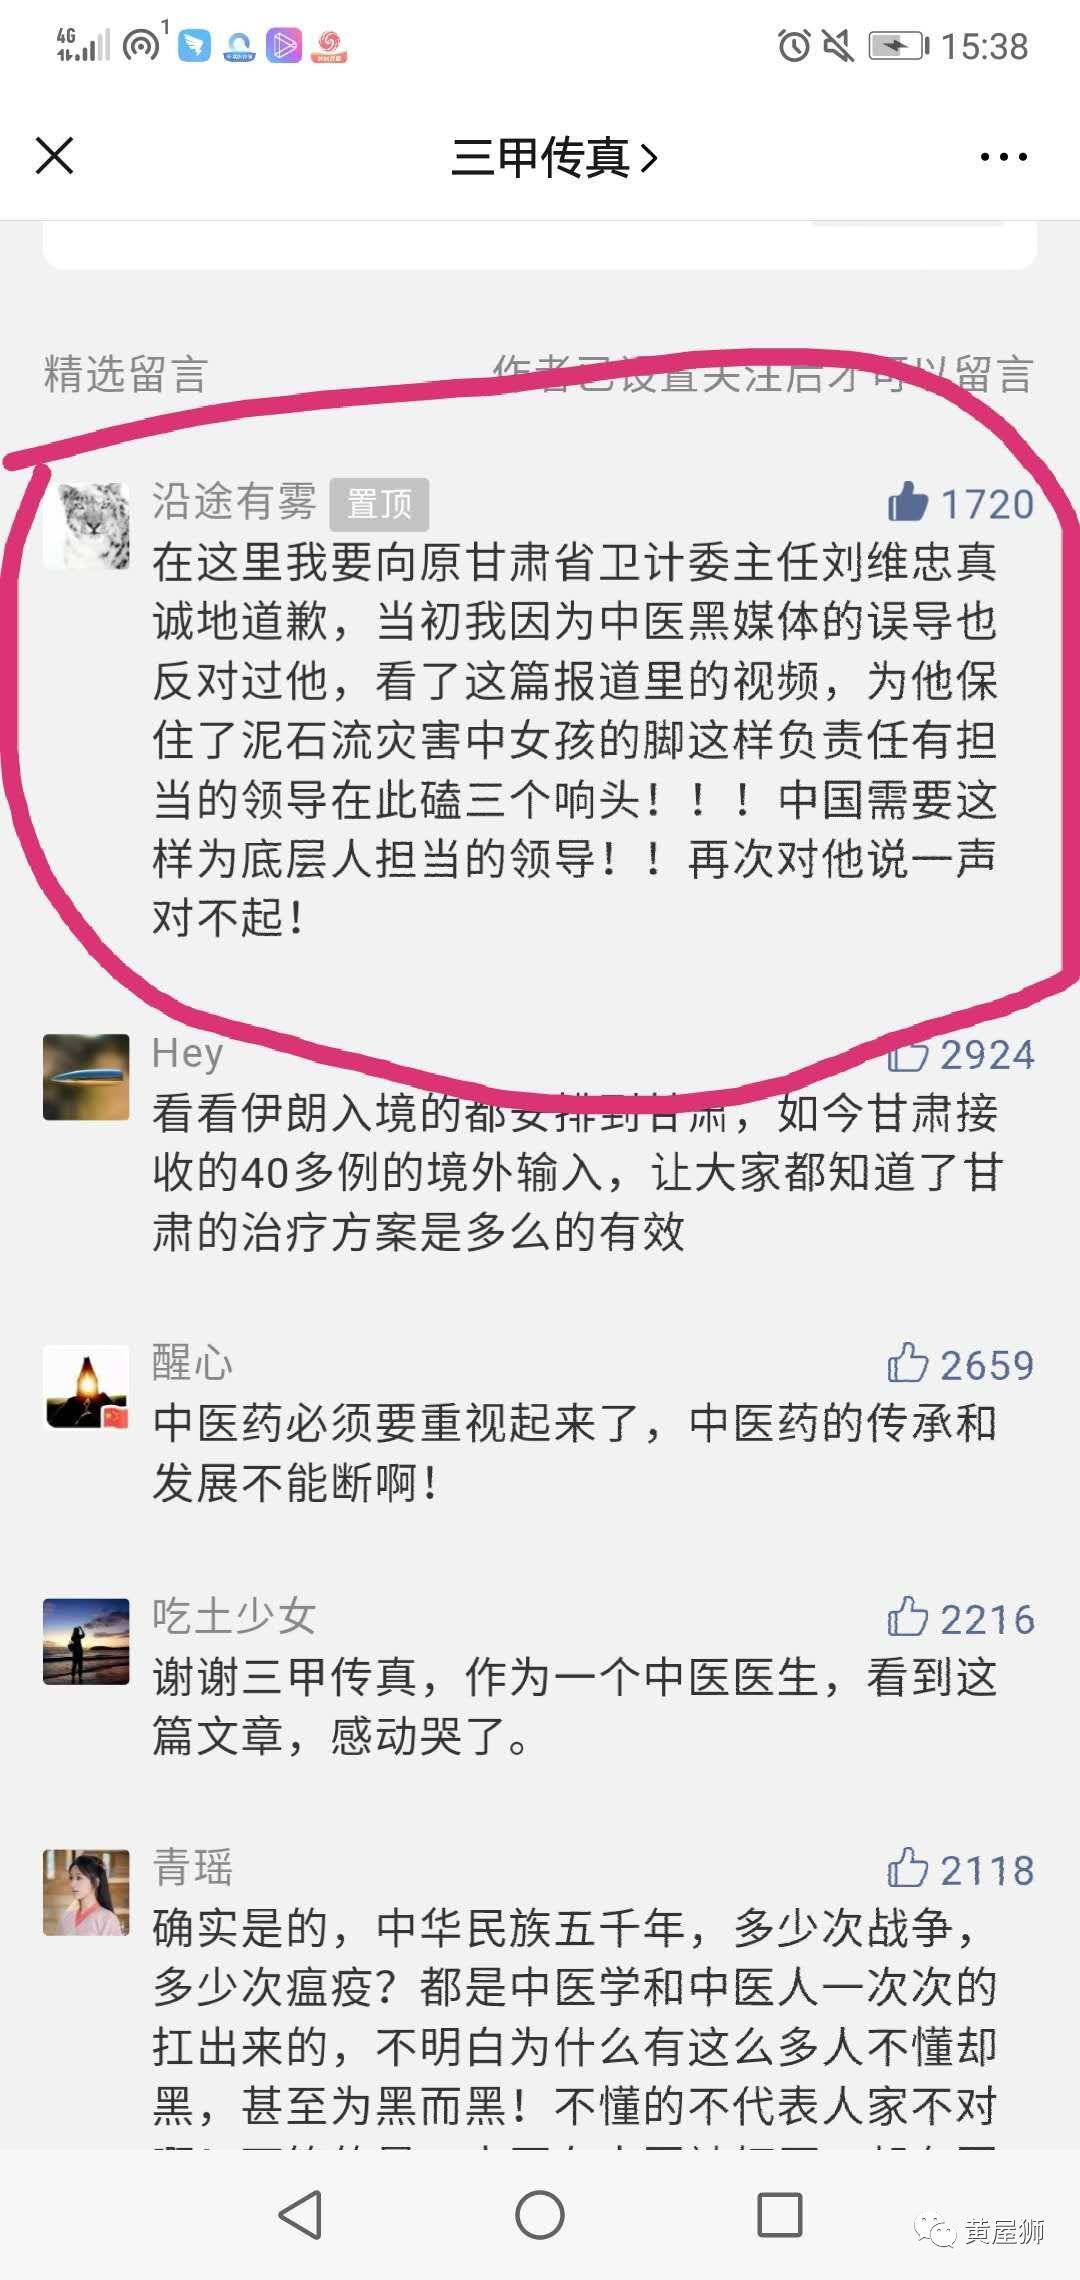 原甘肃省卫生厅厅长刘维忠中医拯救泥石流小姑娘的故事